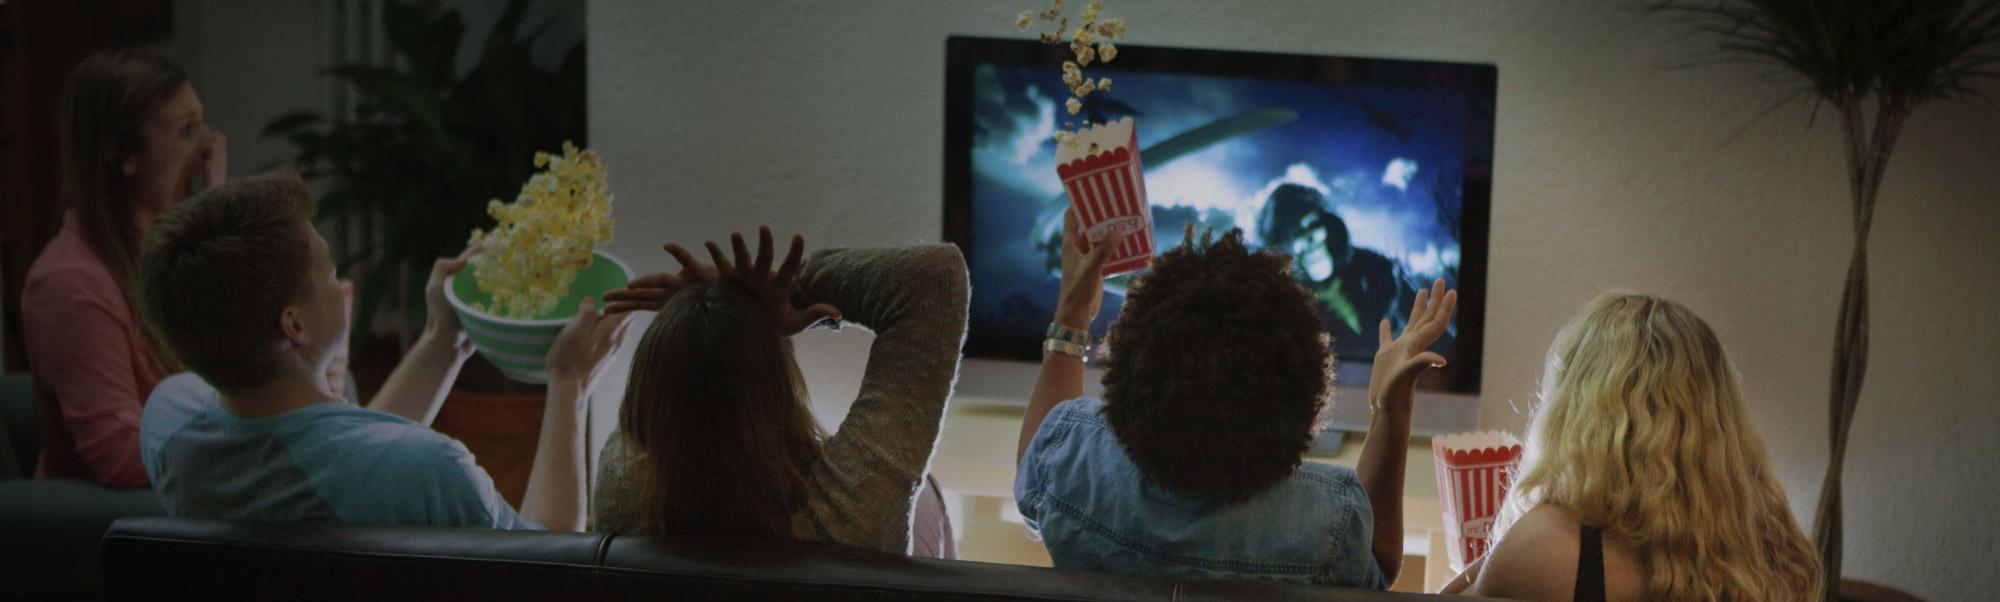 Découvrez les derniers films et les dernières séries TV où que vous soyez